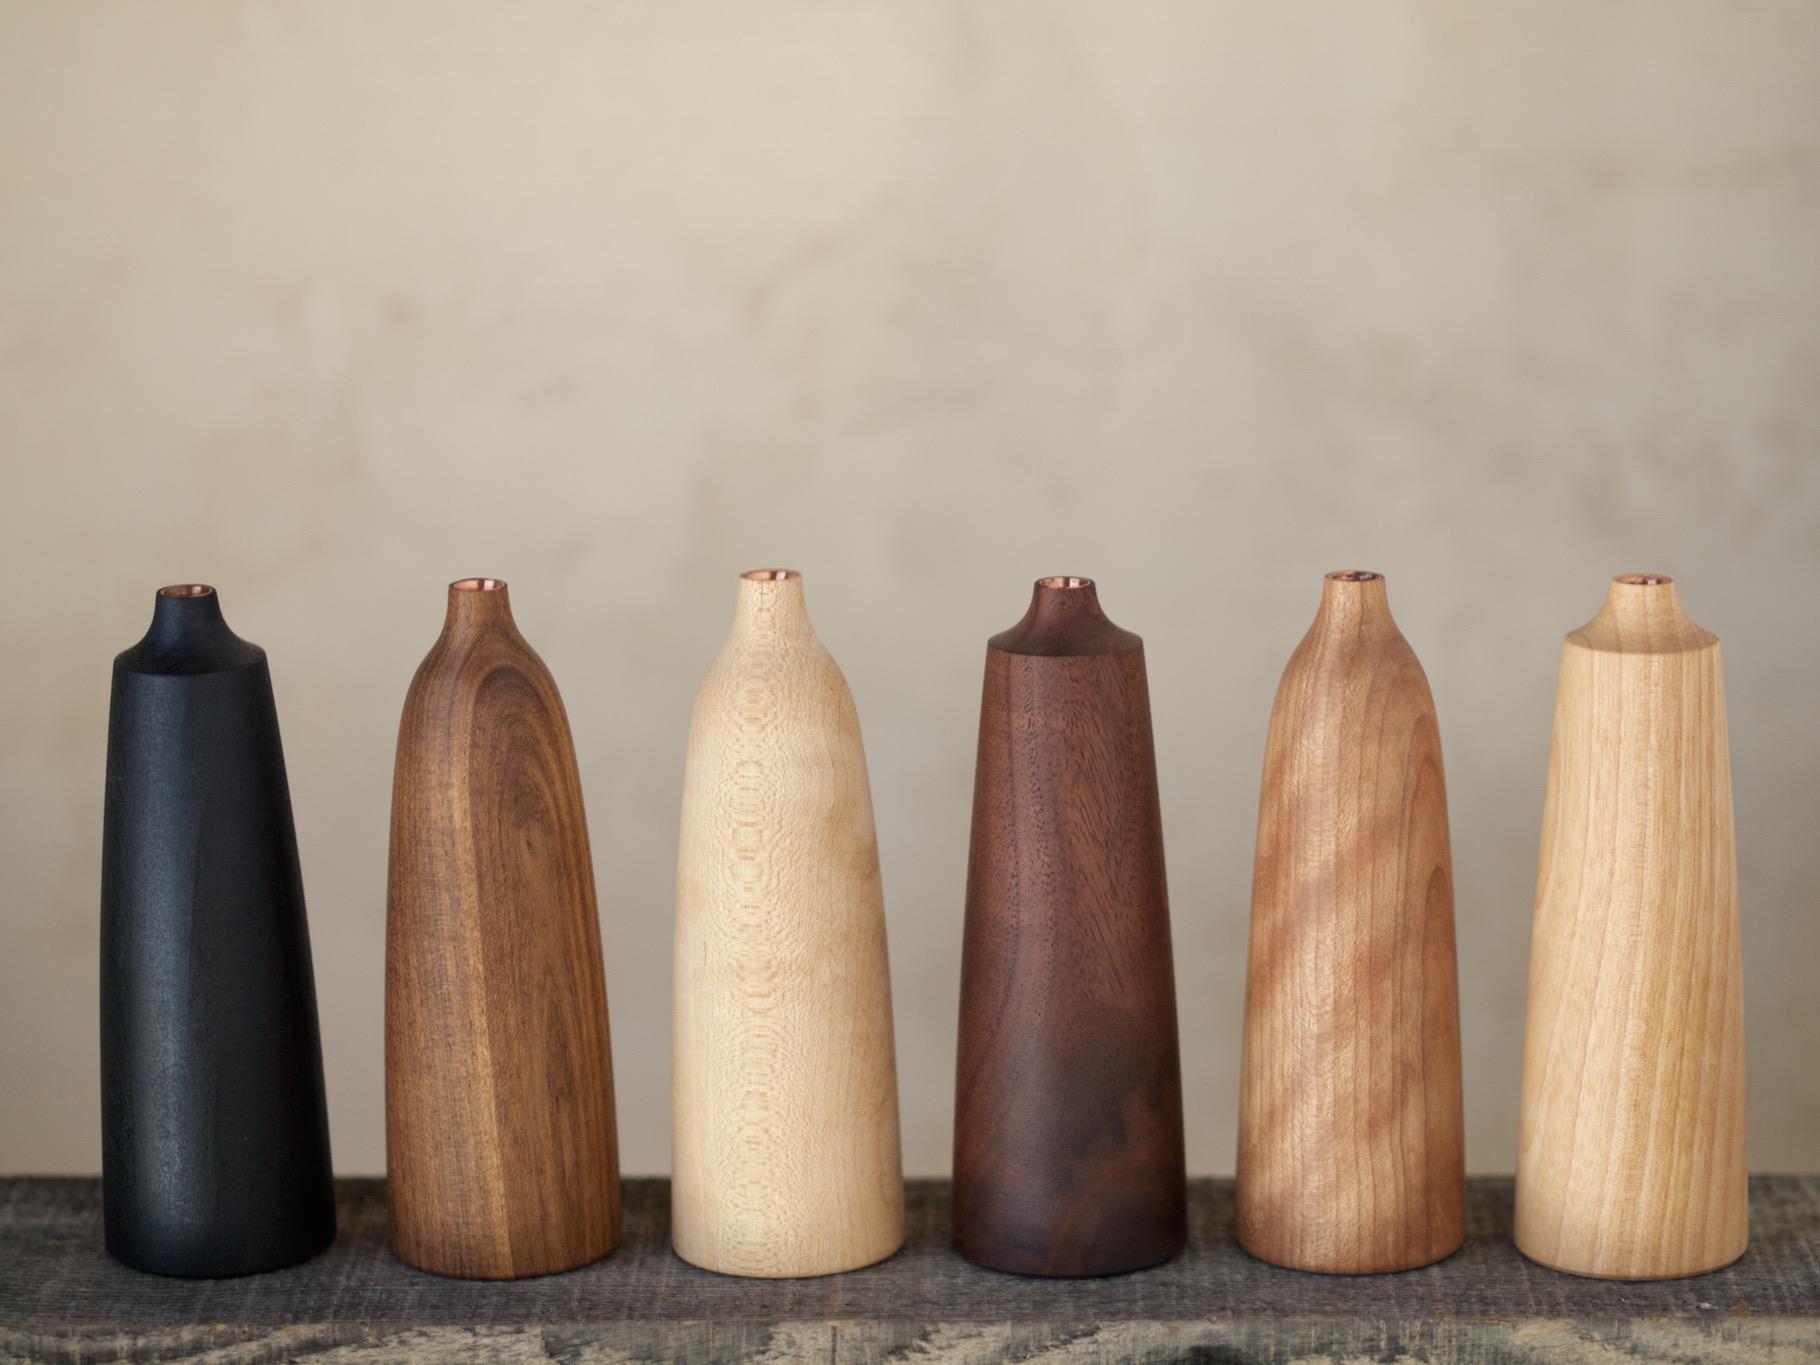 材種 左からブナ(黒漆仕上げ),クワ,カエデ,ブラックウォールナット,カバ,アサダ